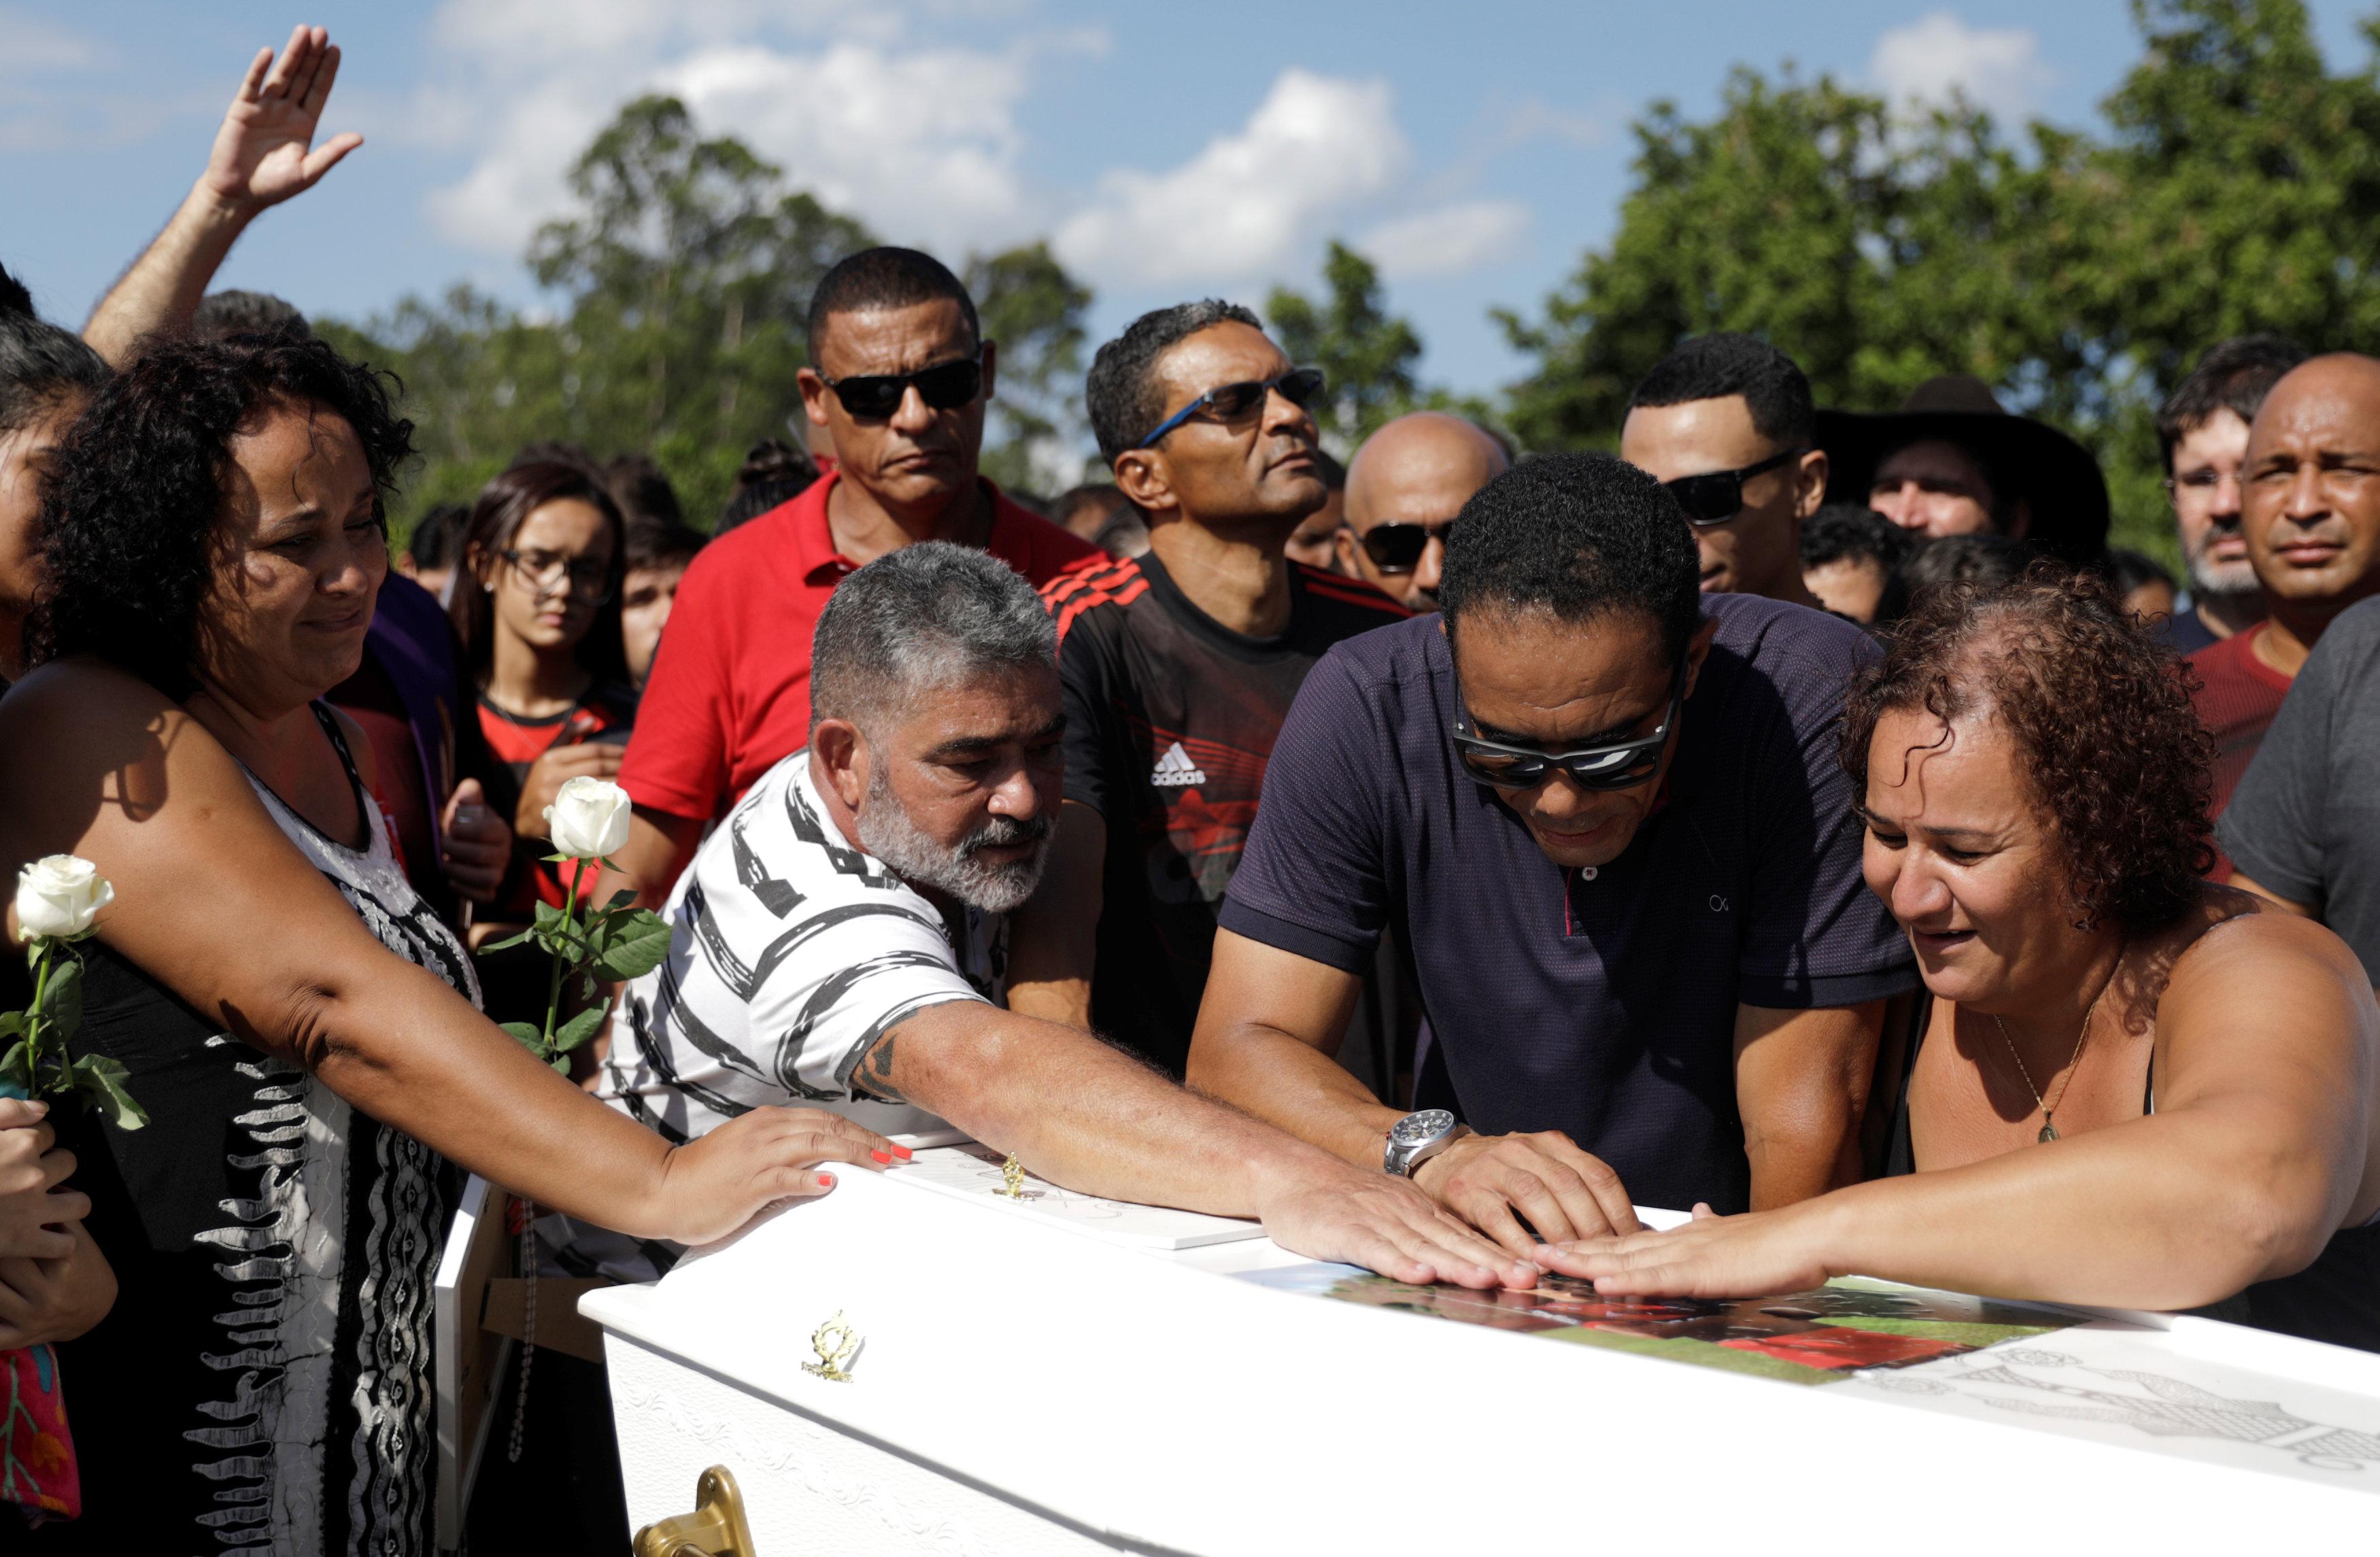 تشييع جثامين قتلى حريق مركز تدريب نادى فلامنجو البرازيلى (8)